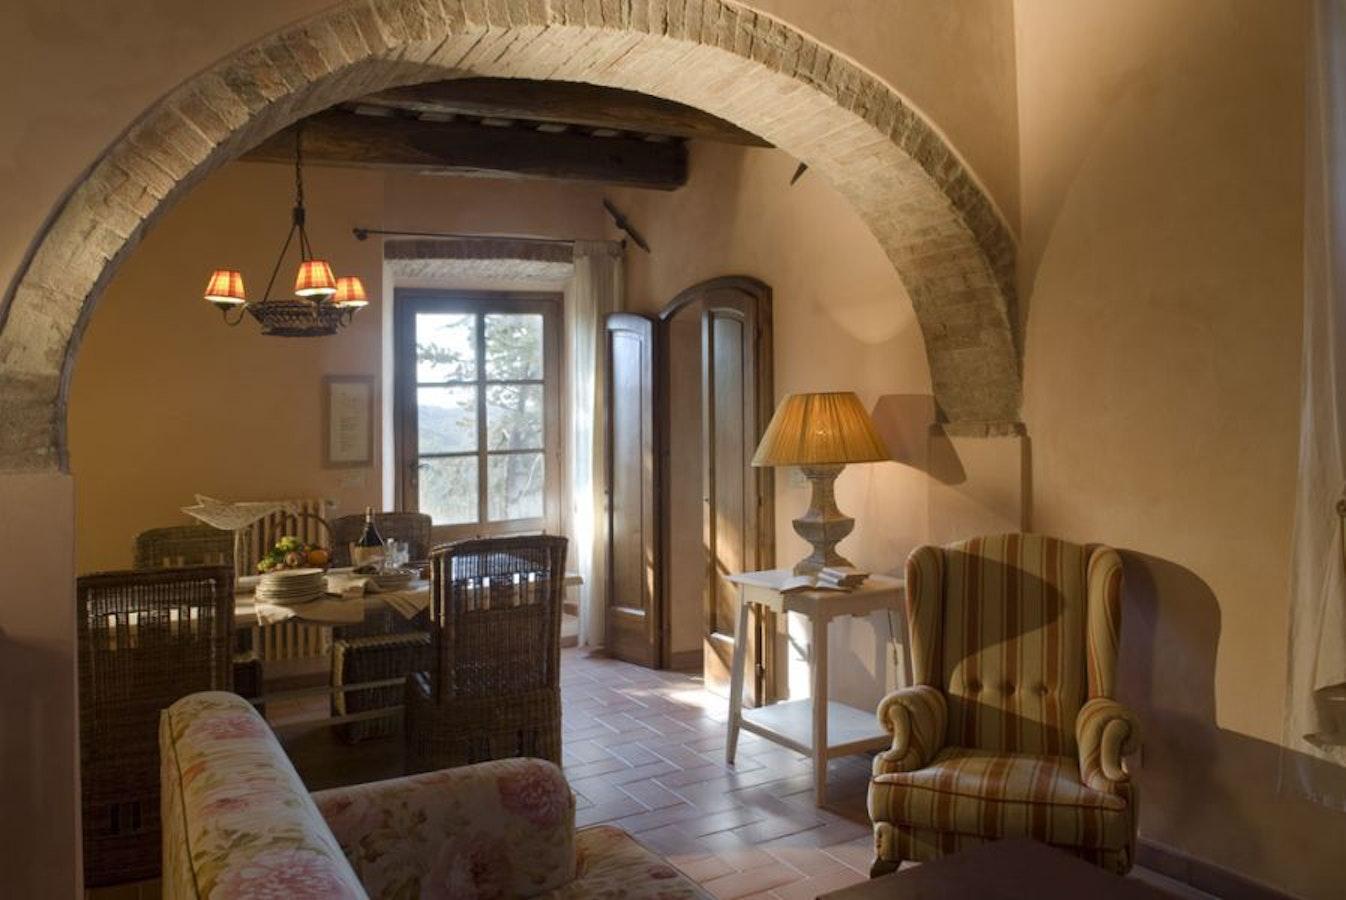 Borgo di pietrafitta relais in chianti offers b b and - Arco interno casa ...